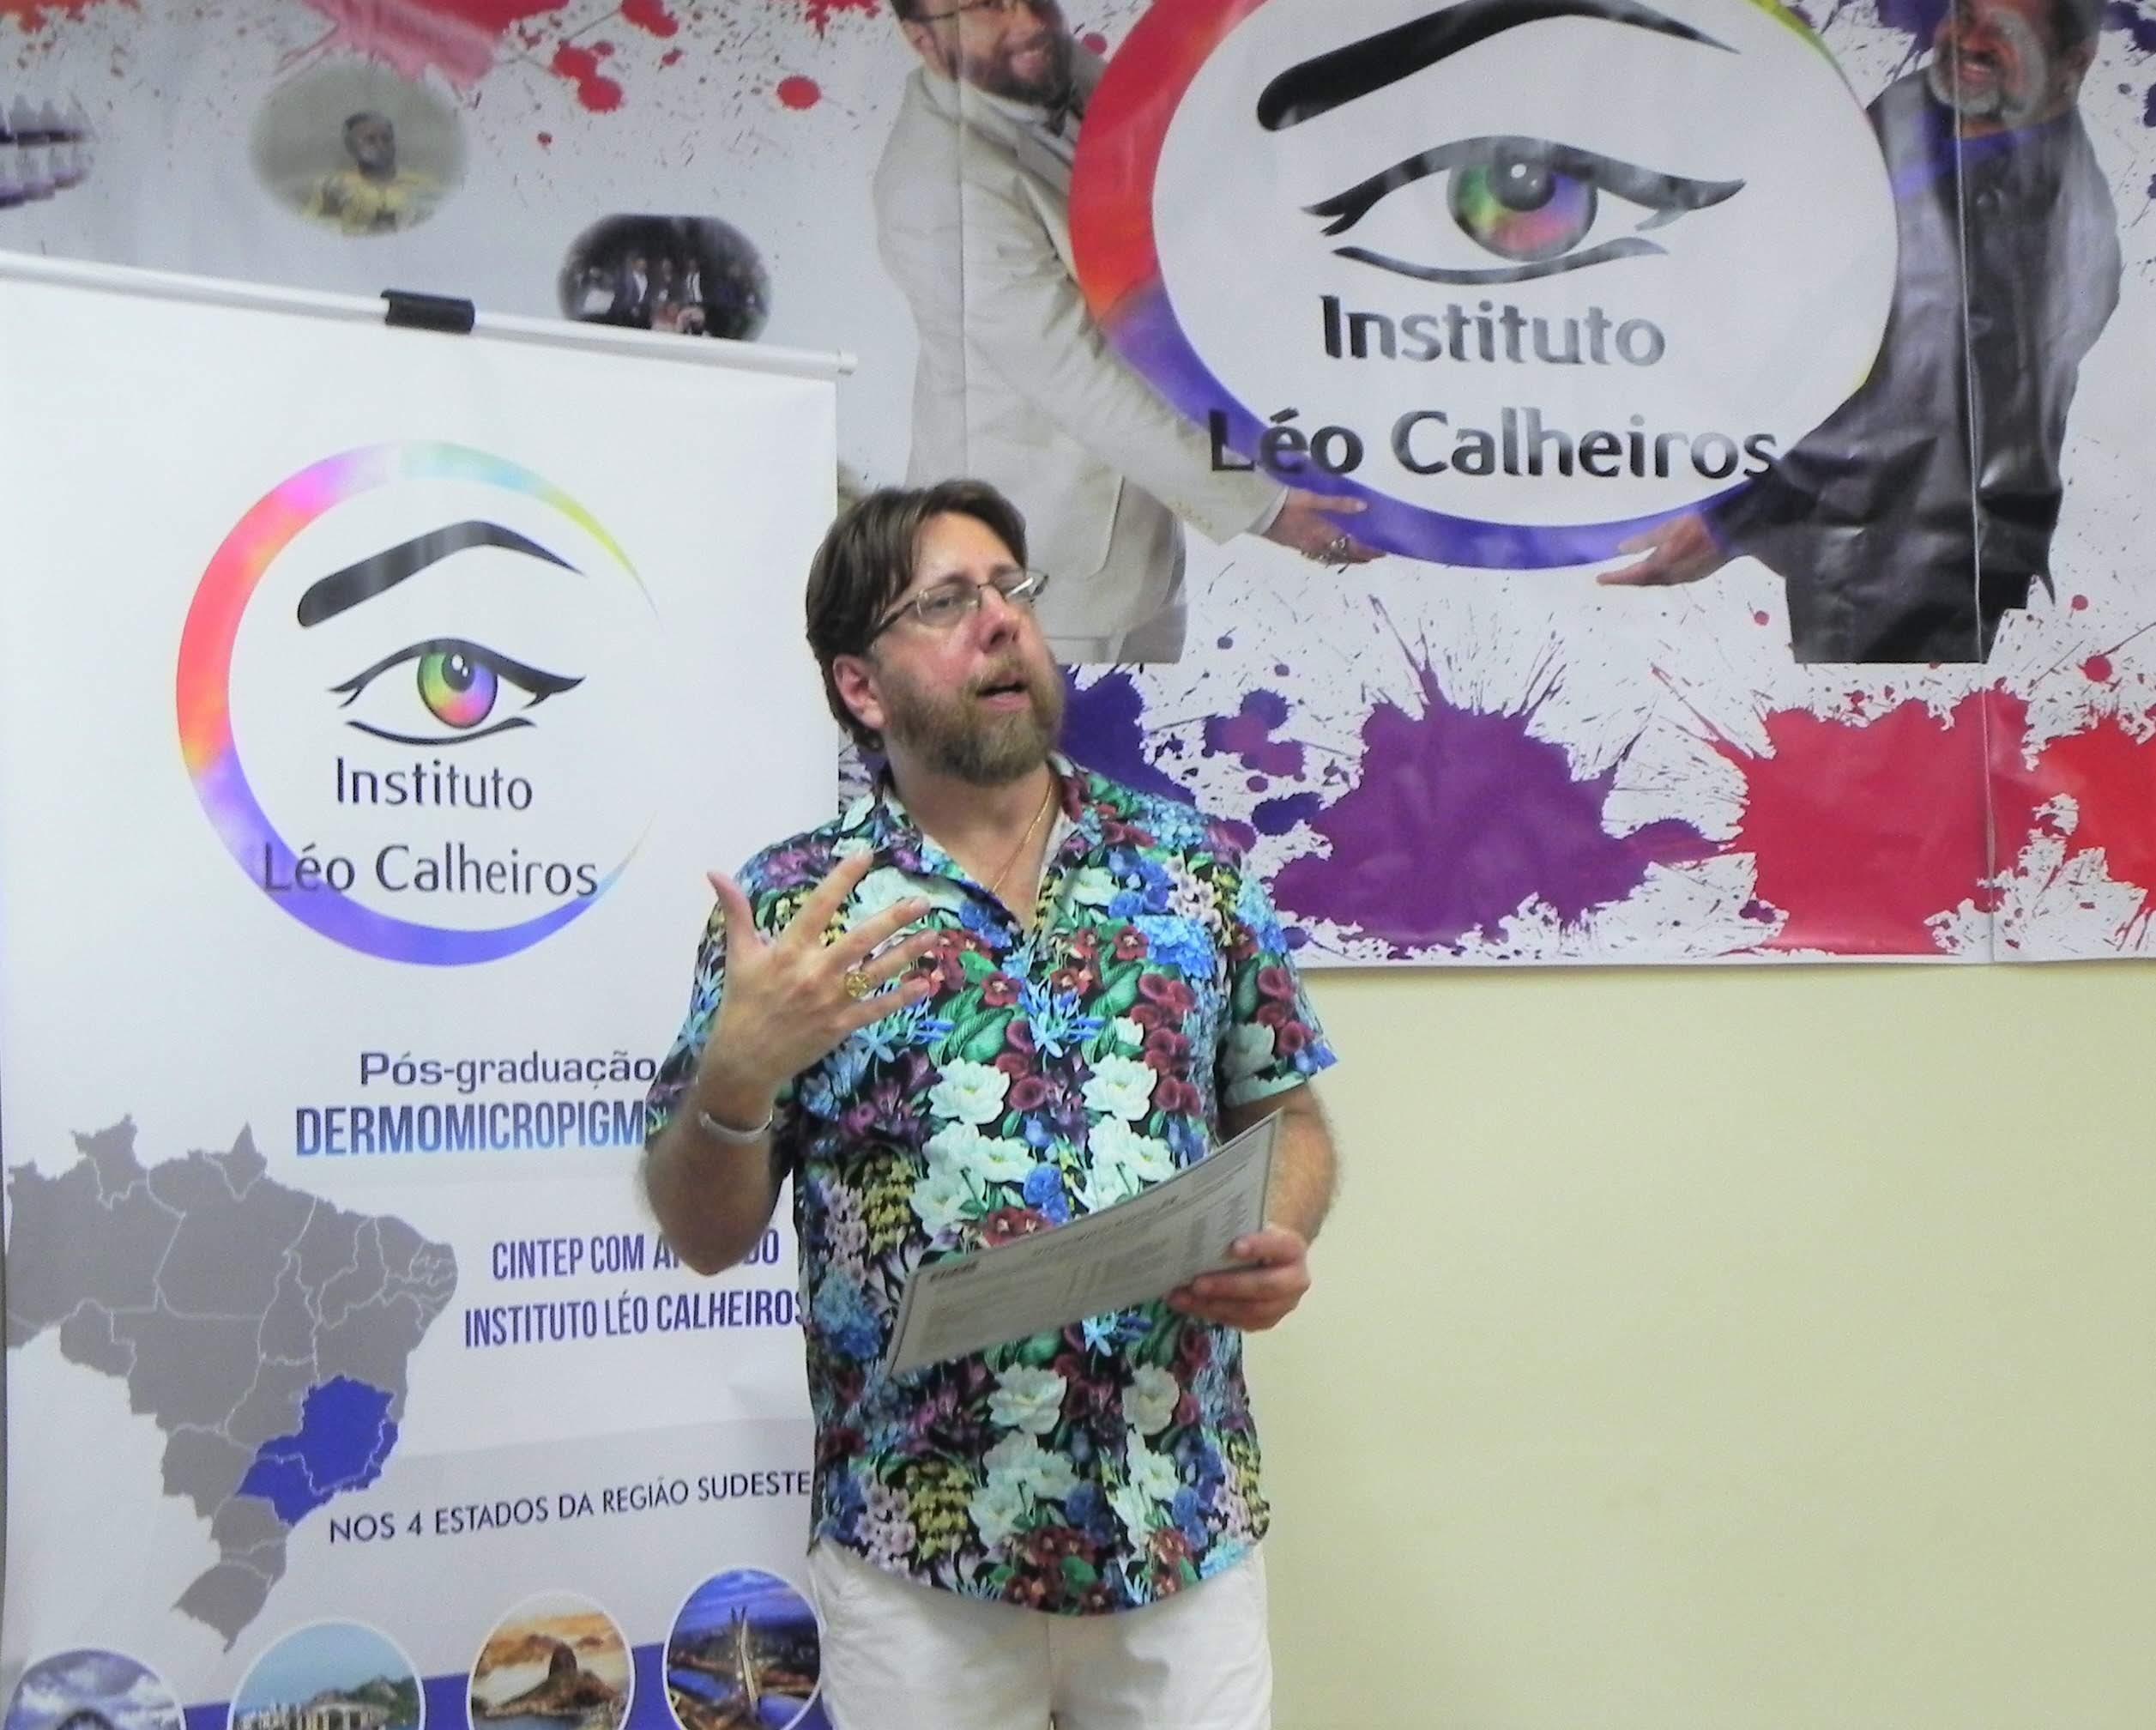 Léo Calheiros